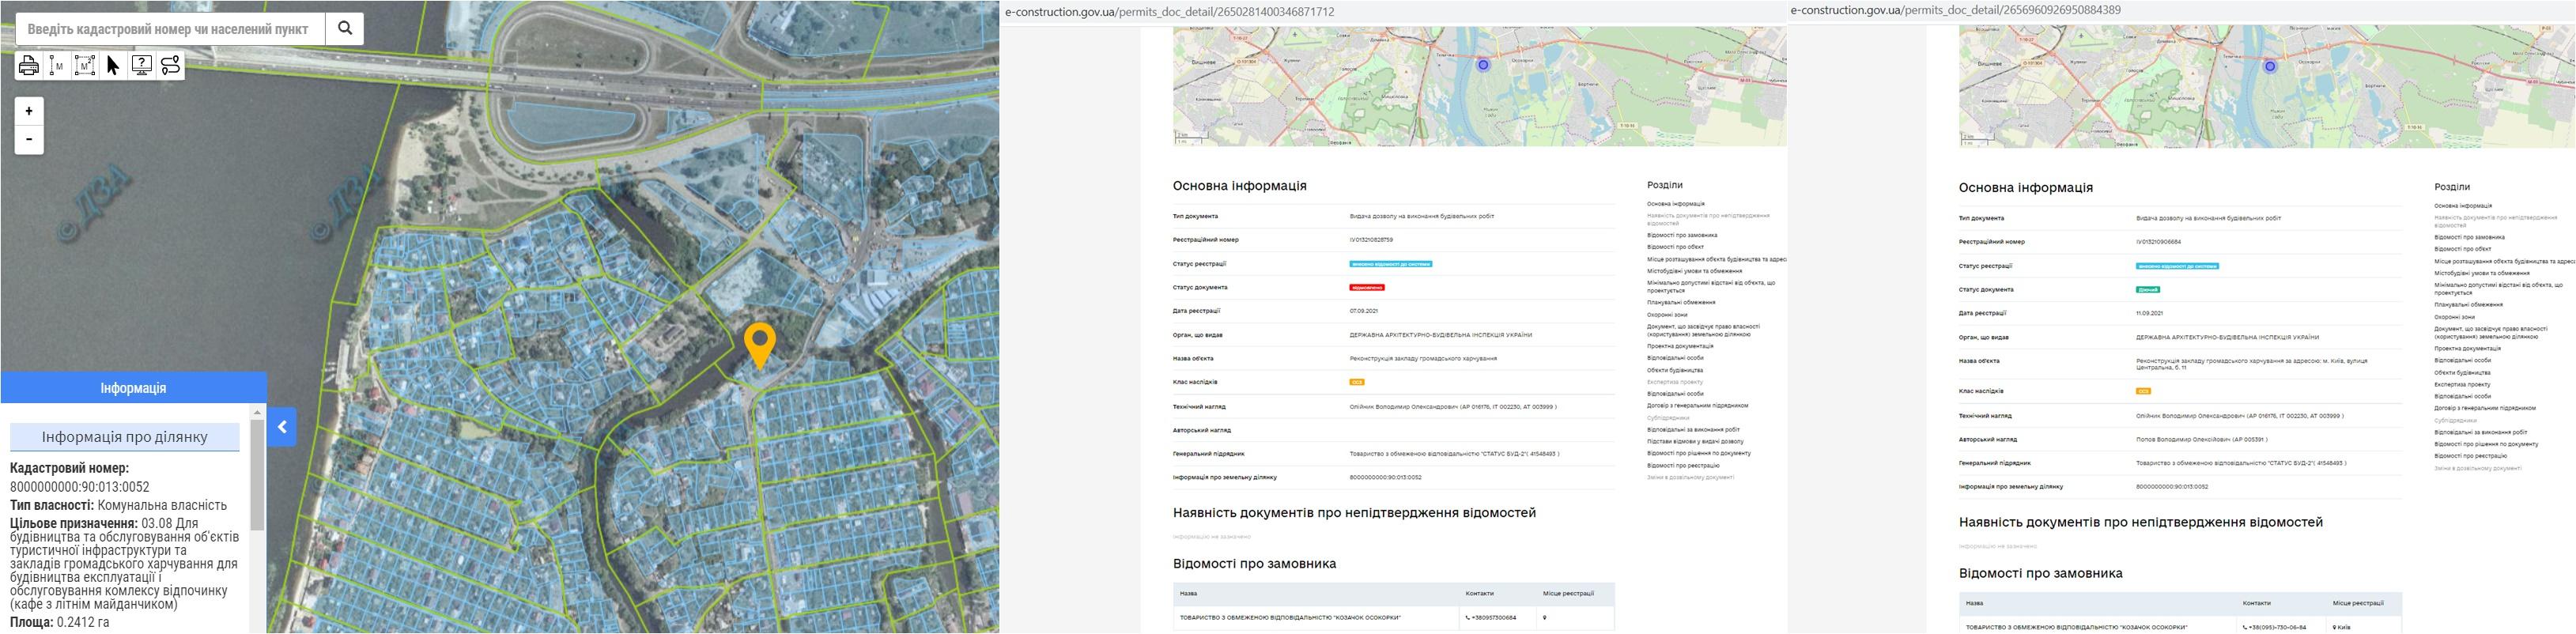 Проект по ул. Центральная, 11 данные кадастра и Разрешение в реестре